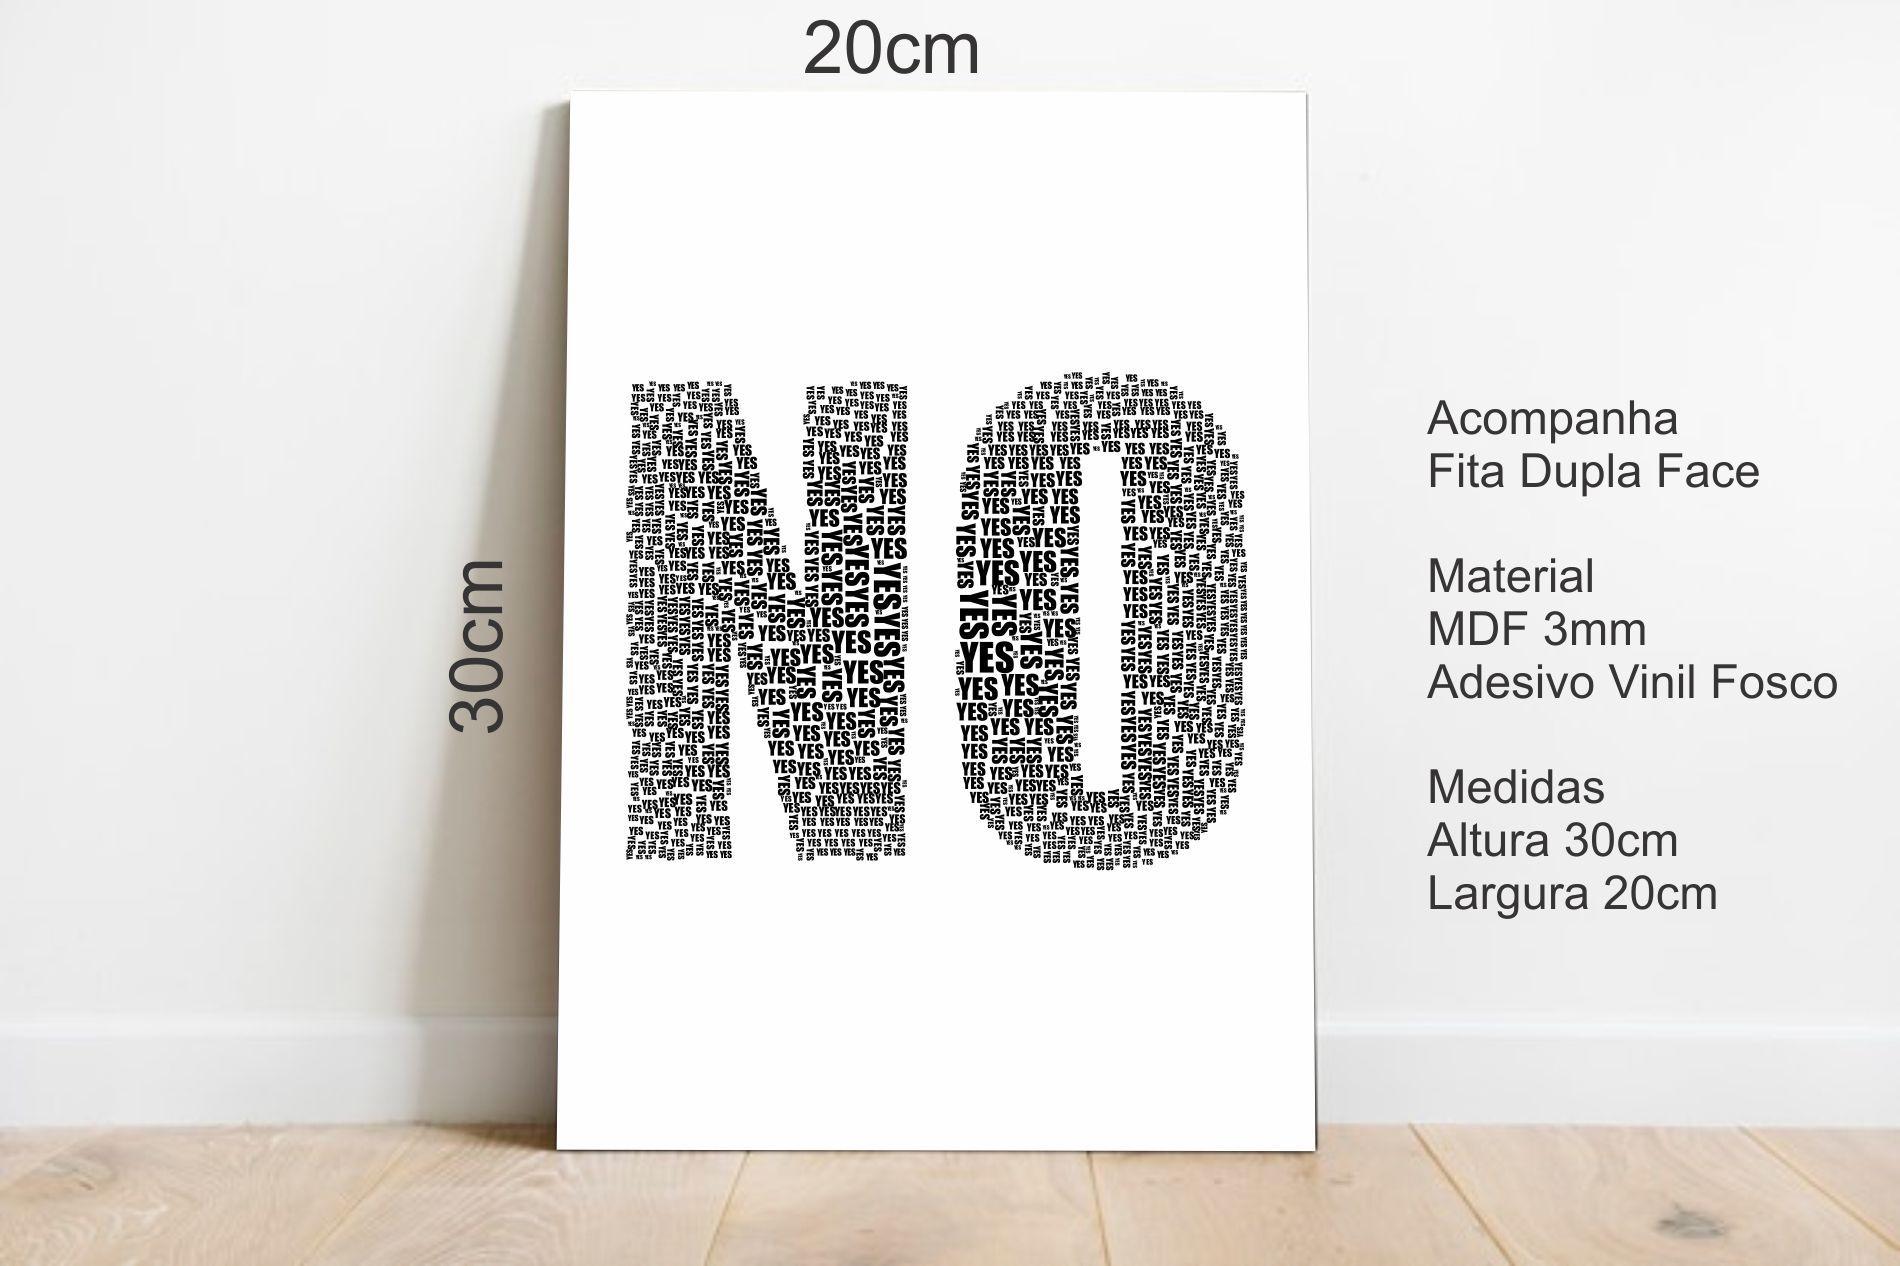 Quadro Decorativo Mensagem Oculta Yes No 20x30cm Branco